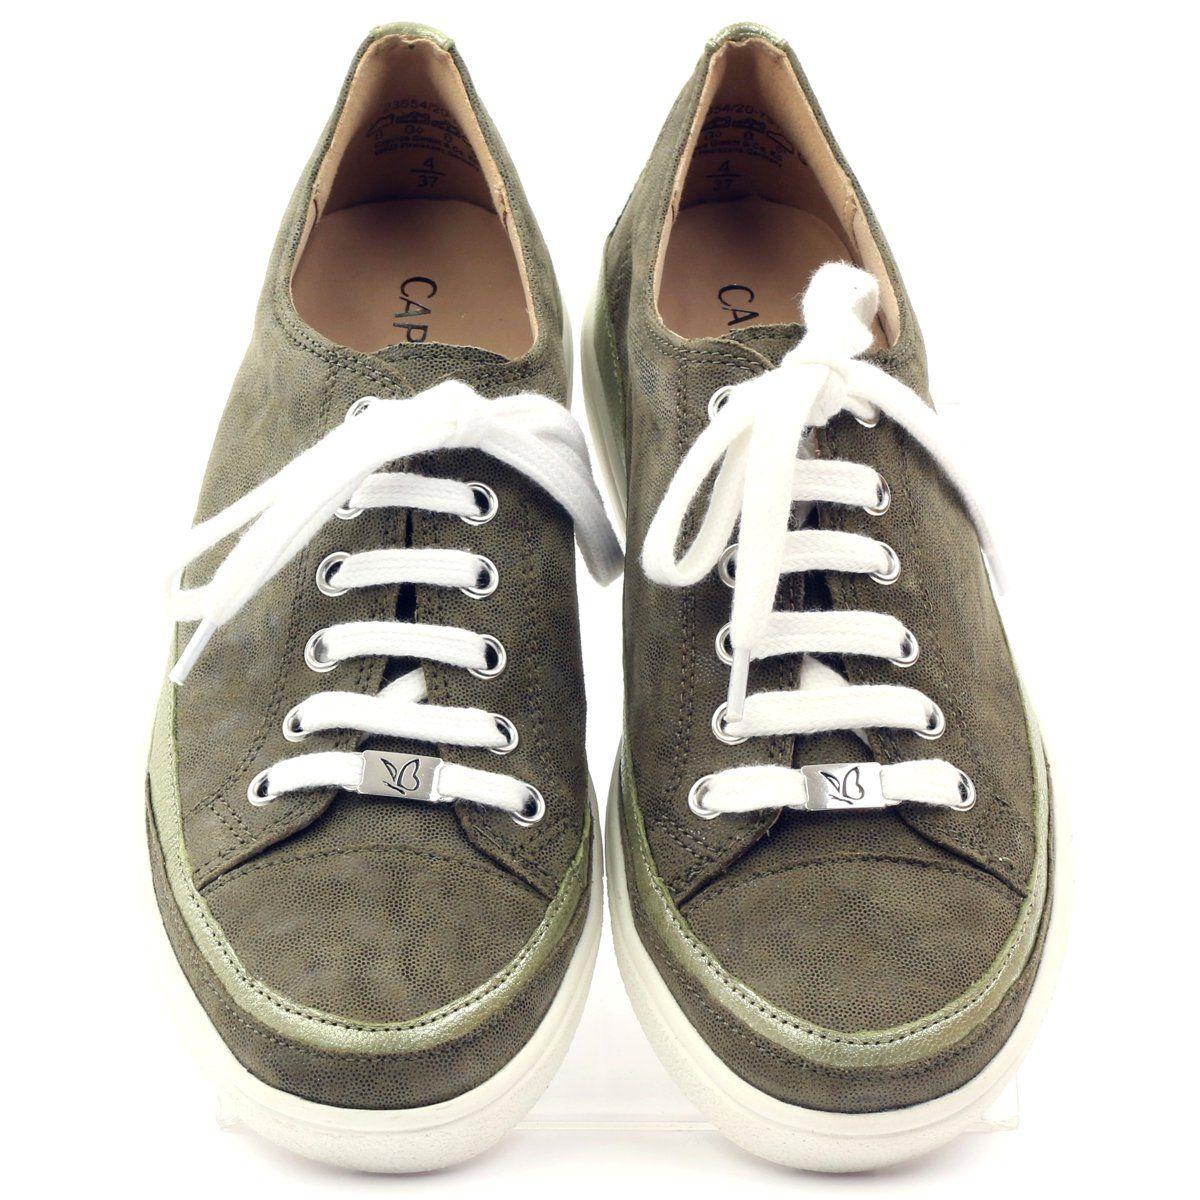 Caprice Buty Damskie Trampki Skorzane 23654 Zielone Zolte Leather Shoes Woman Women Shoes Leather Sneakers